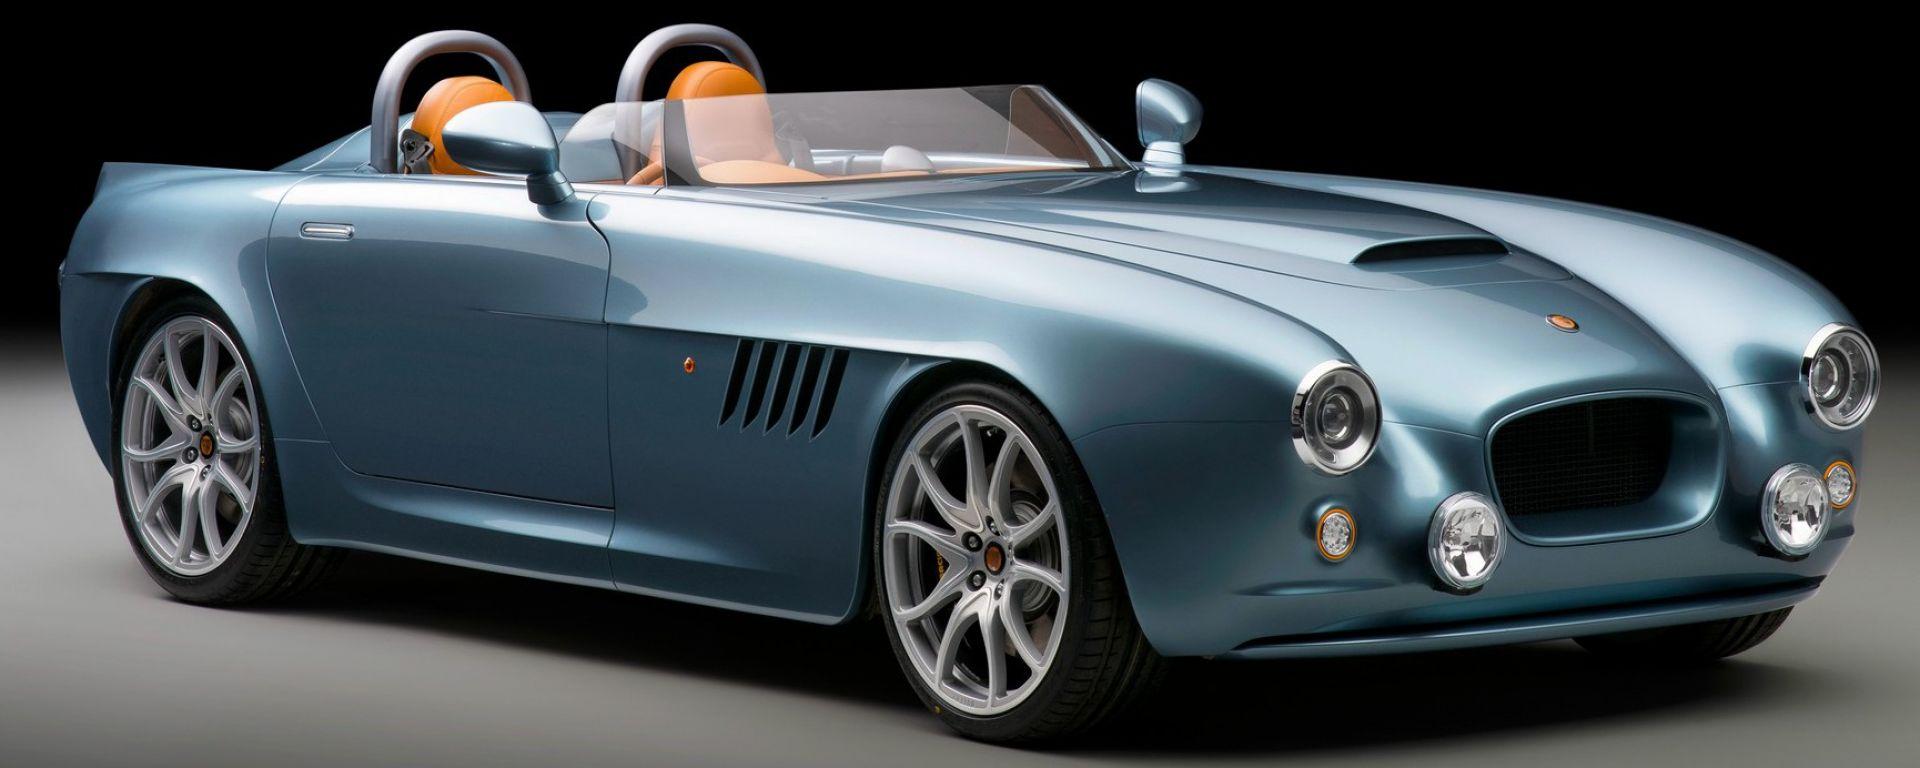 Bristol Bullet è l'auto del rilancio per Bristol Car: un mix moderno-rétro da 300.000 euro circa